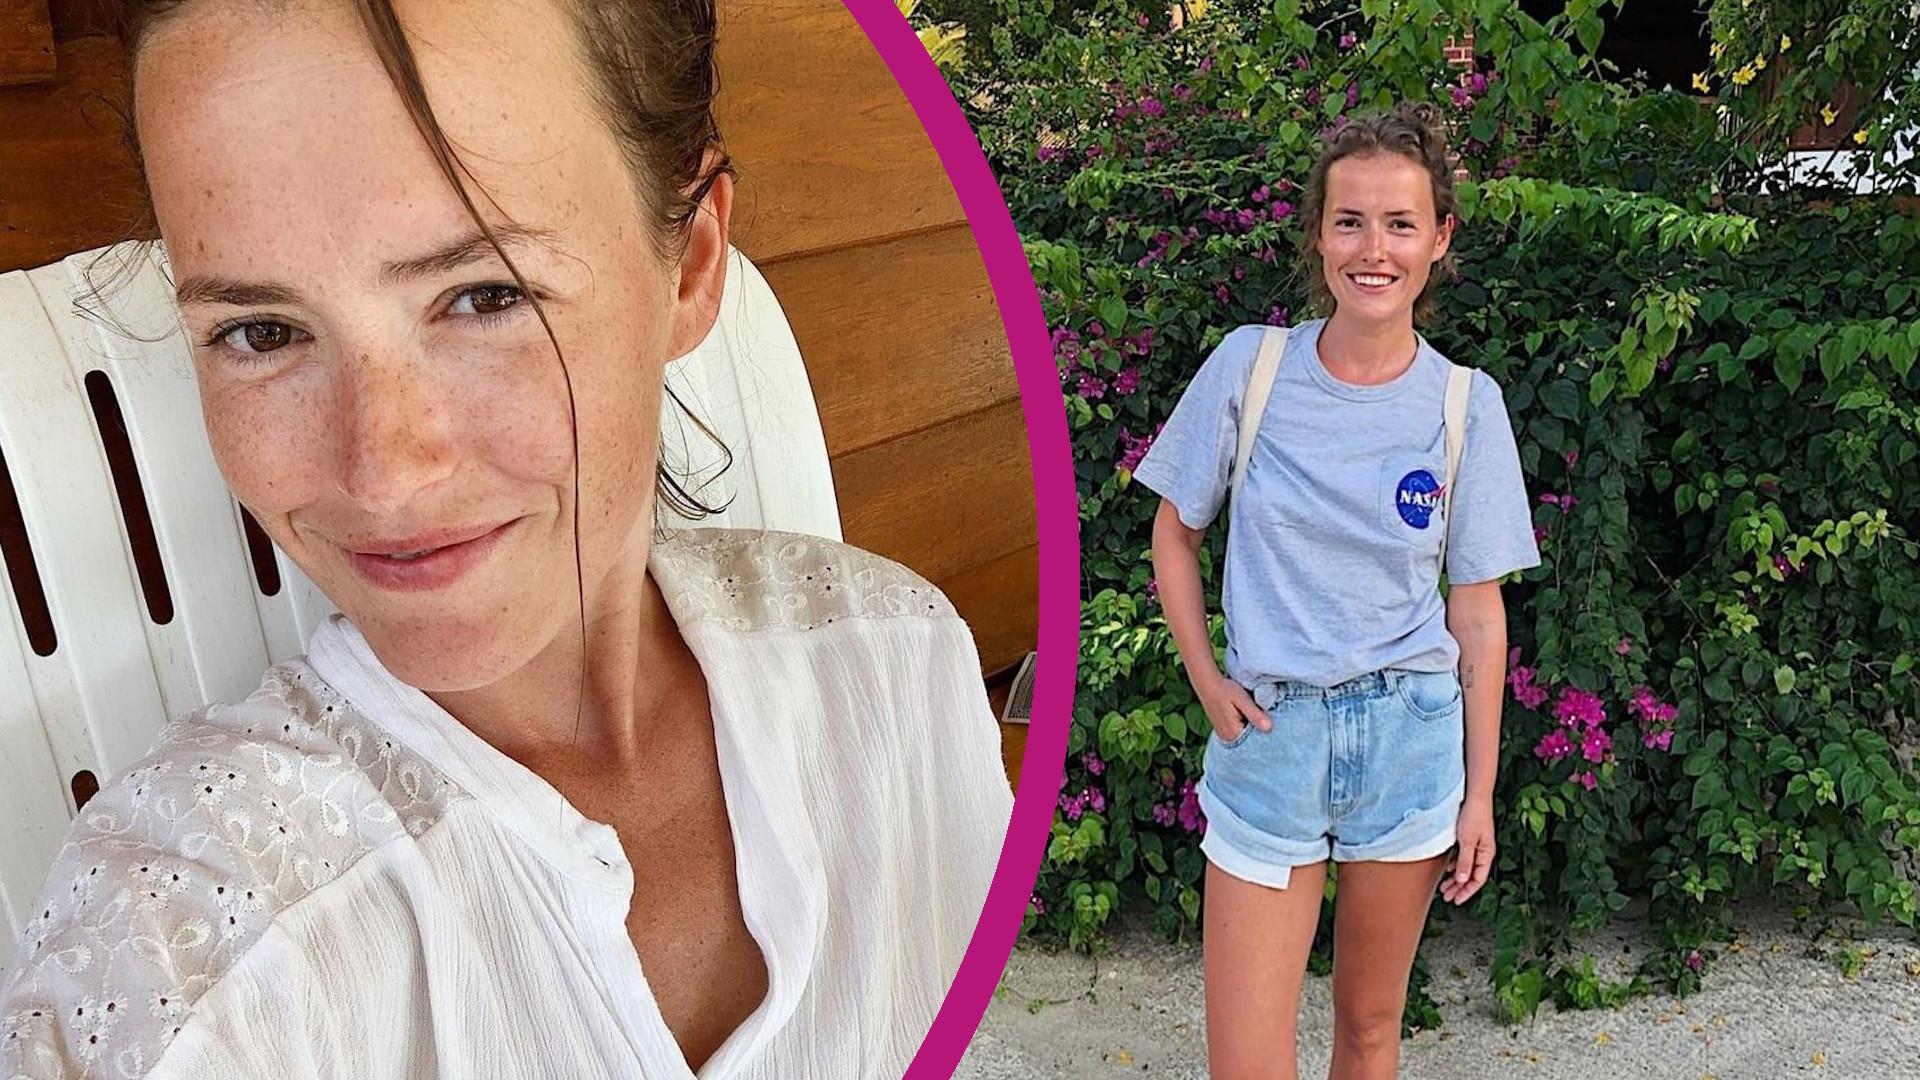 Olga Frycz odpoczywa na wakacjach. Jej figura w bikini zrobiła wrażenie na internautach